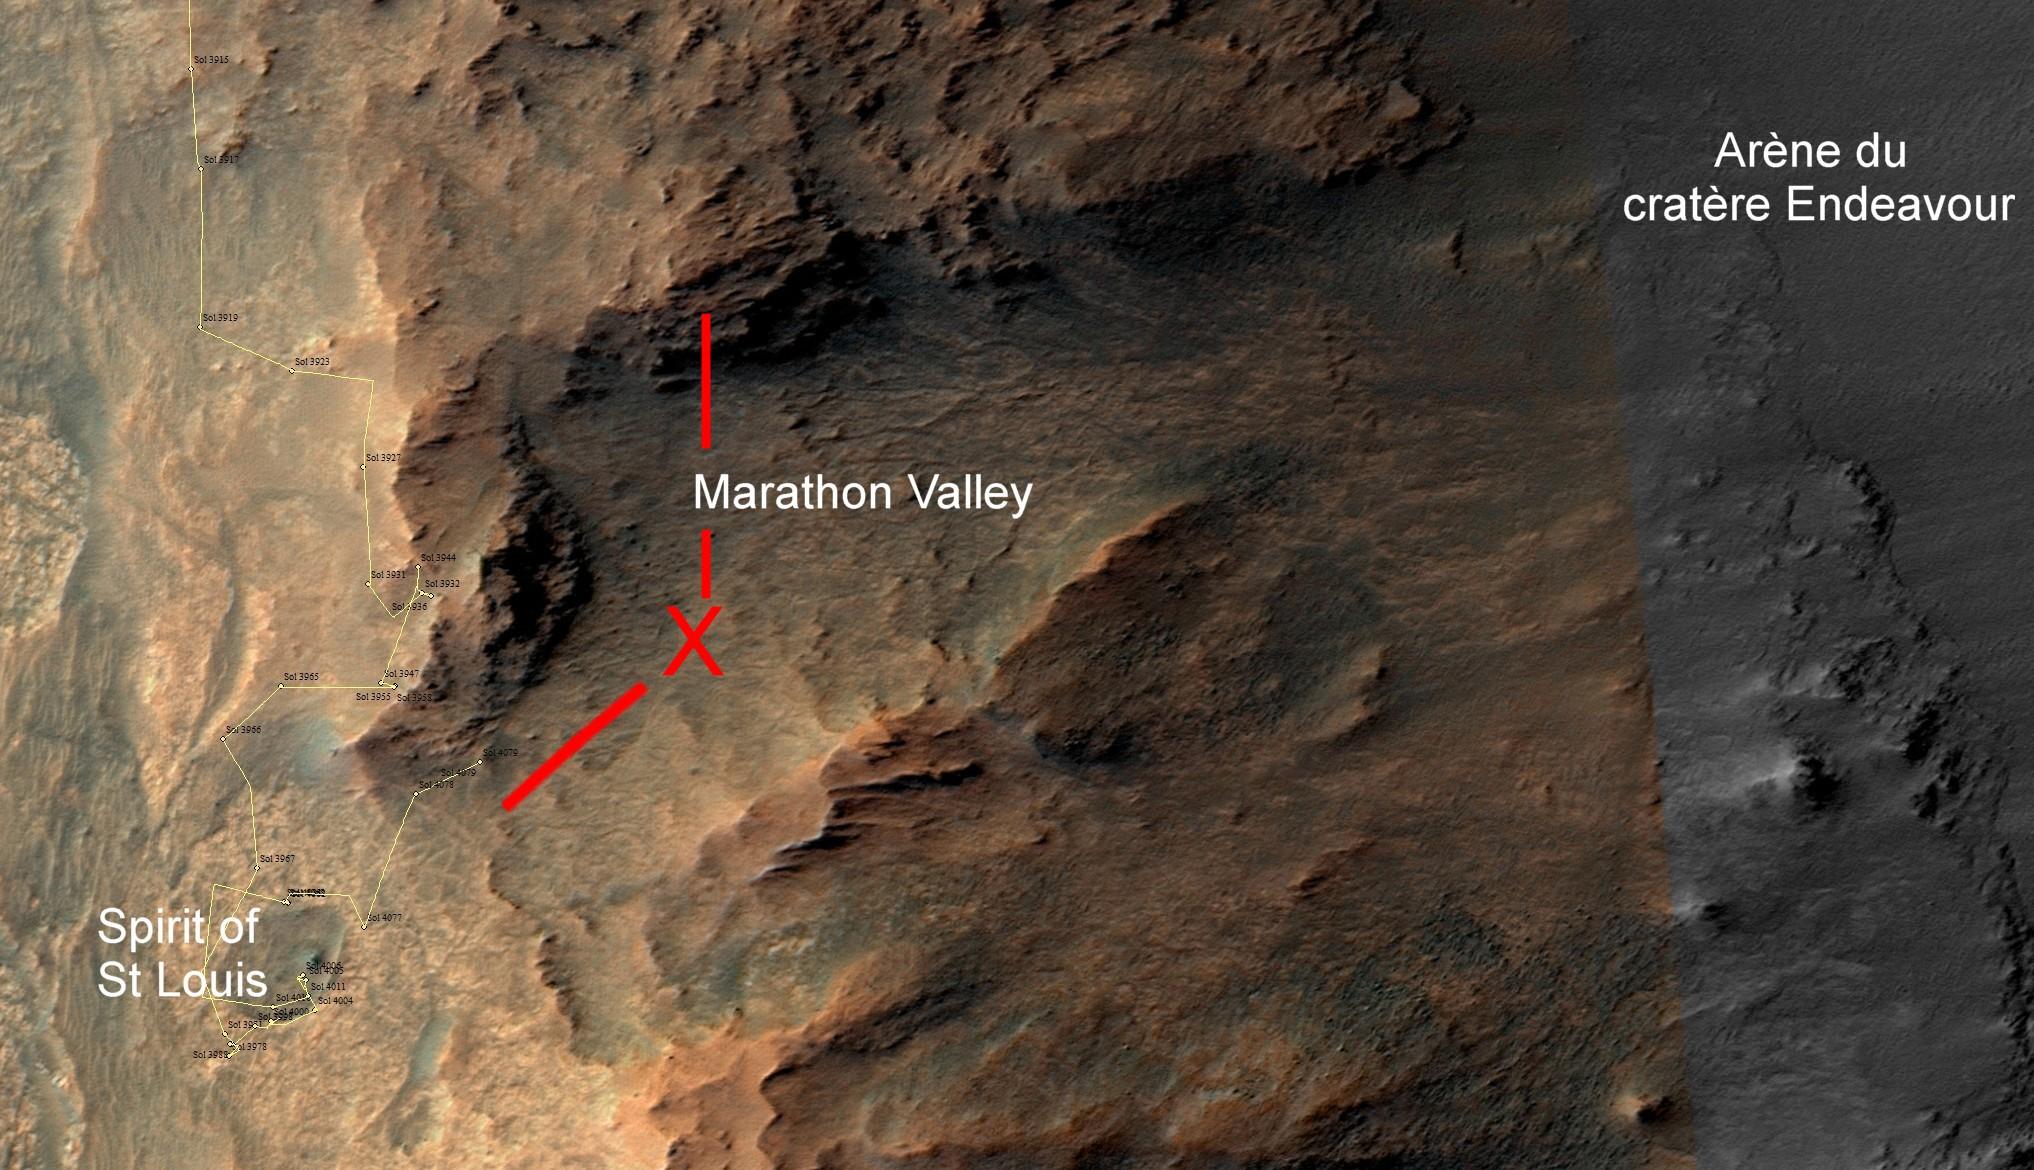 marathon-valley-renseigné 2